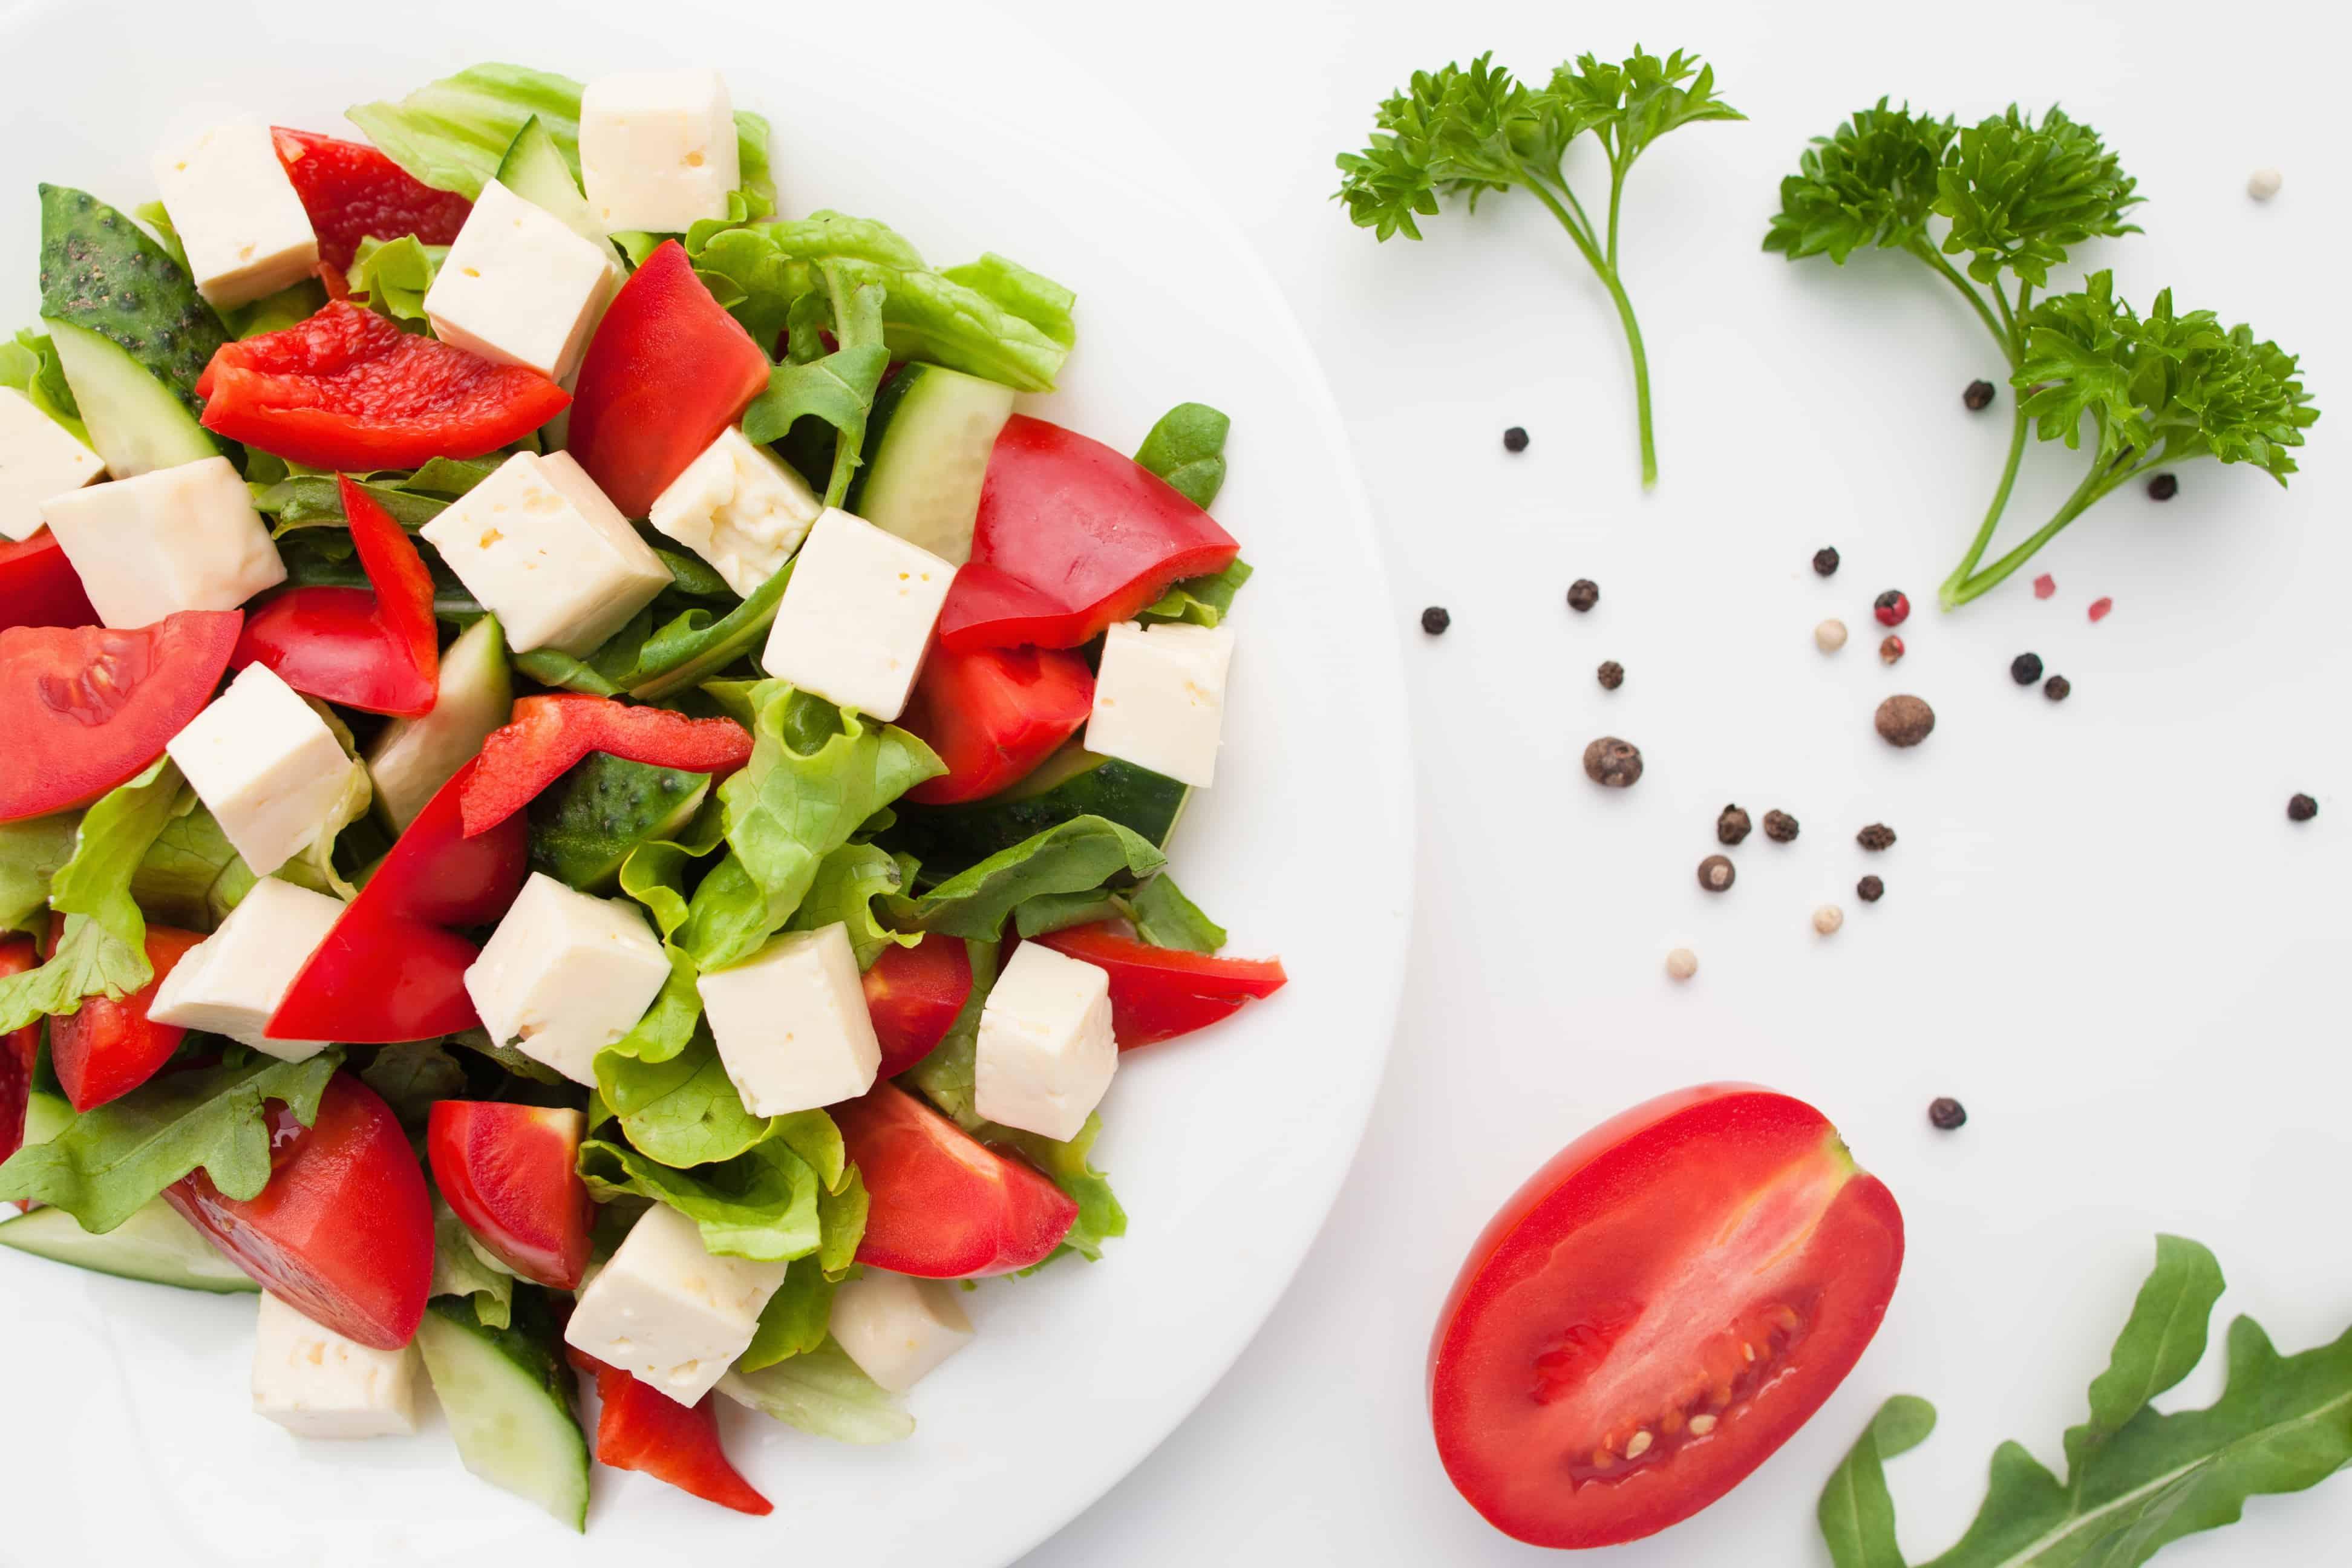 здоровое питание кратко